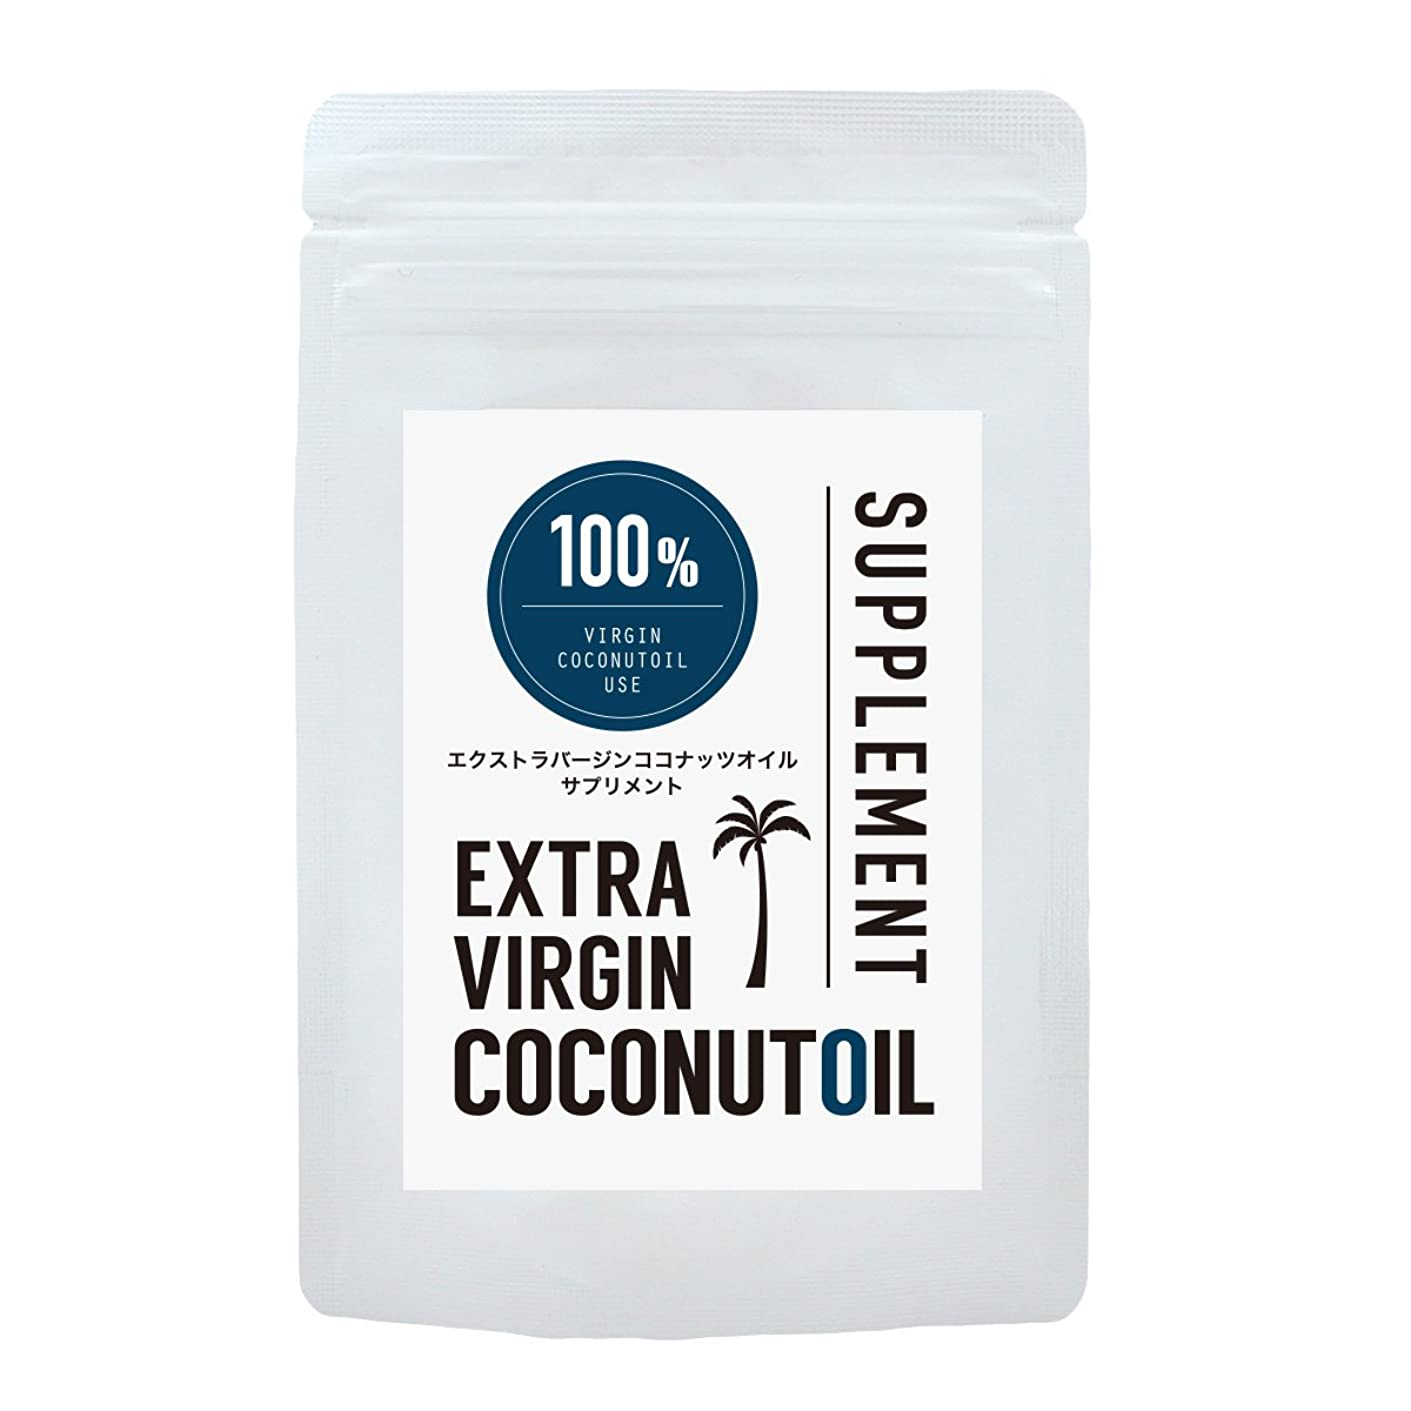 規制親密なドレスエクストラヴァージン ココナッツオイル サプリメント 90粒入り 無臭 カプセルタイプ